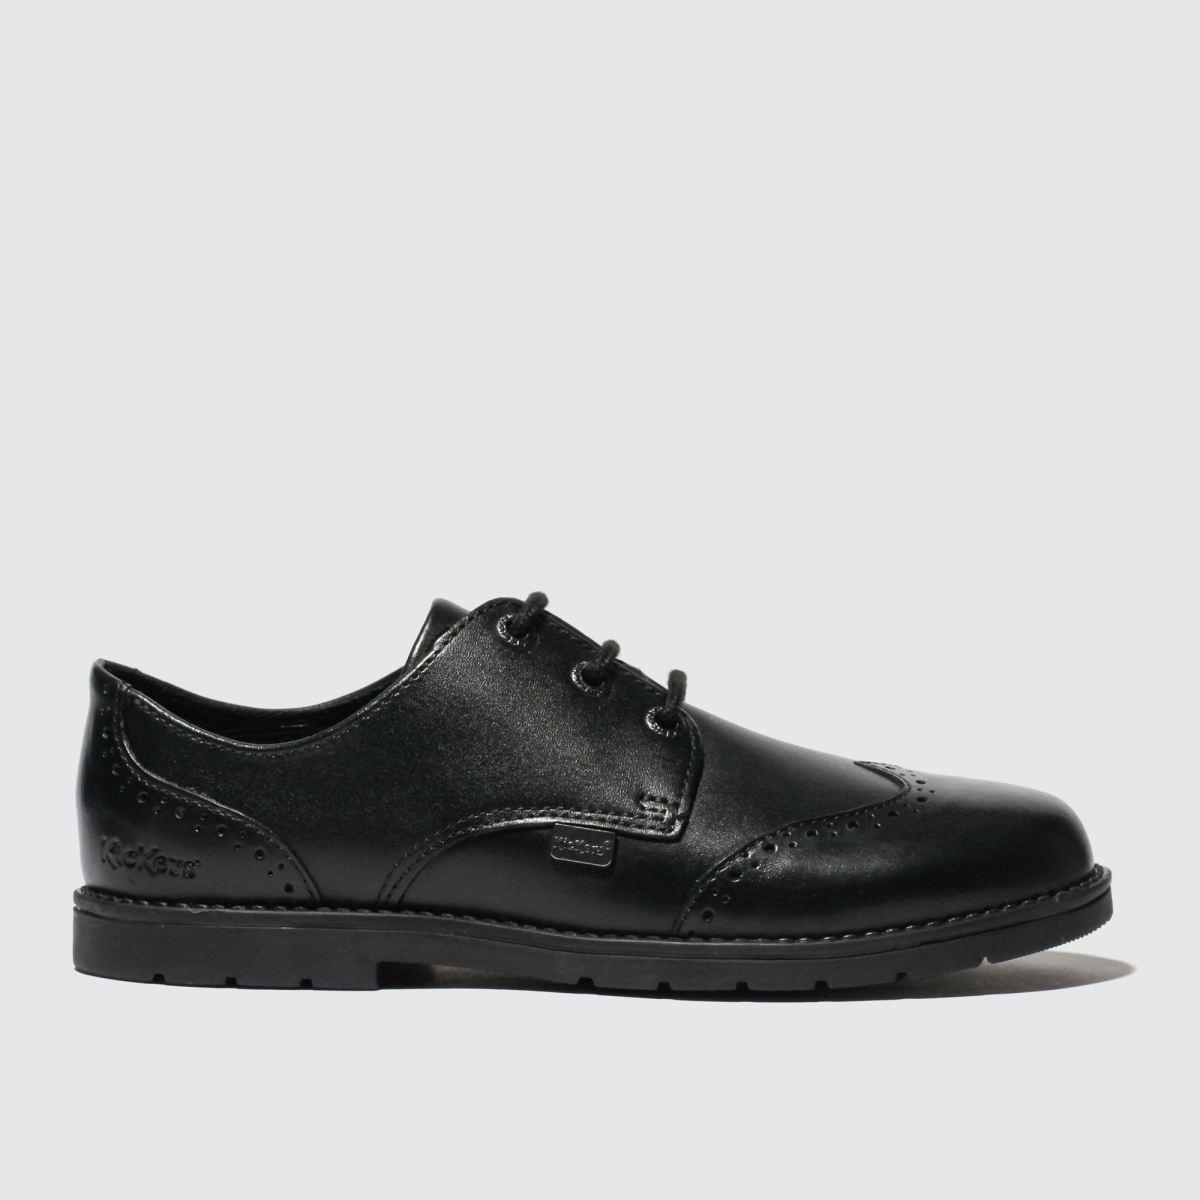 Kickers Black Orin Brogue Lo Shoes Junior